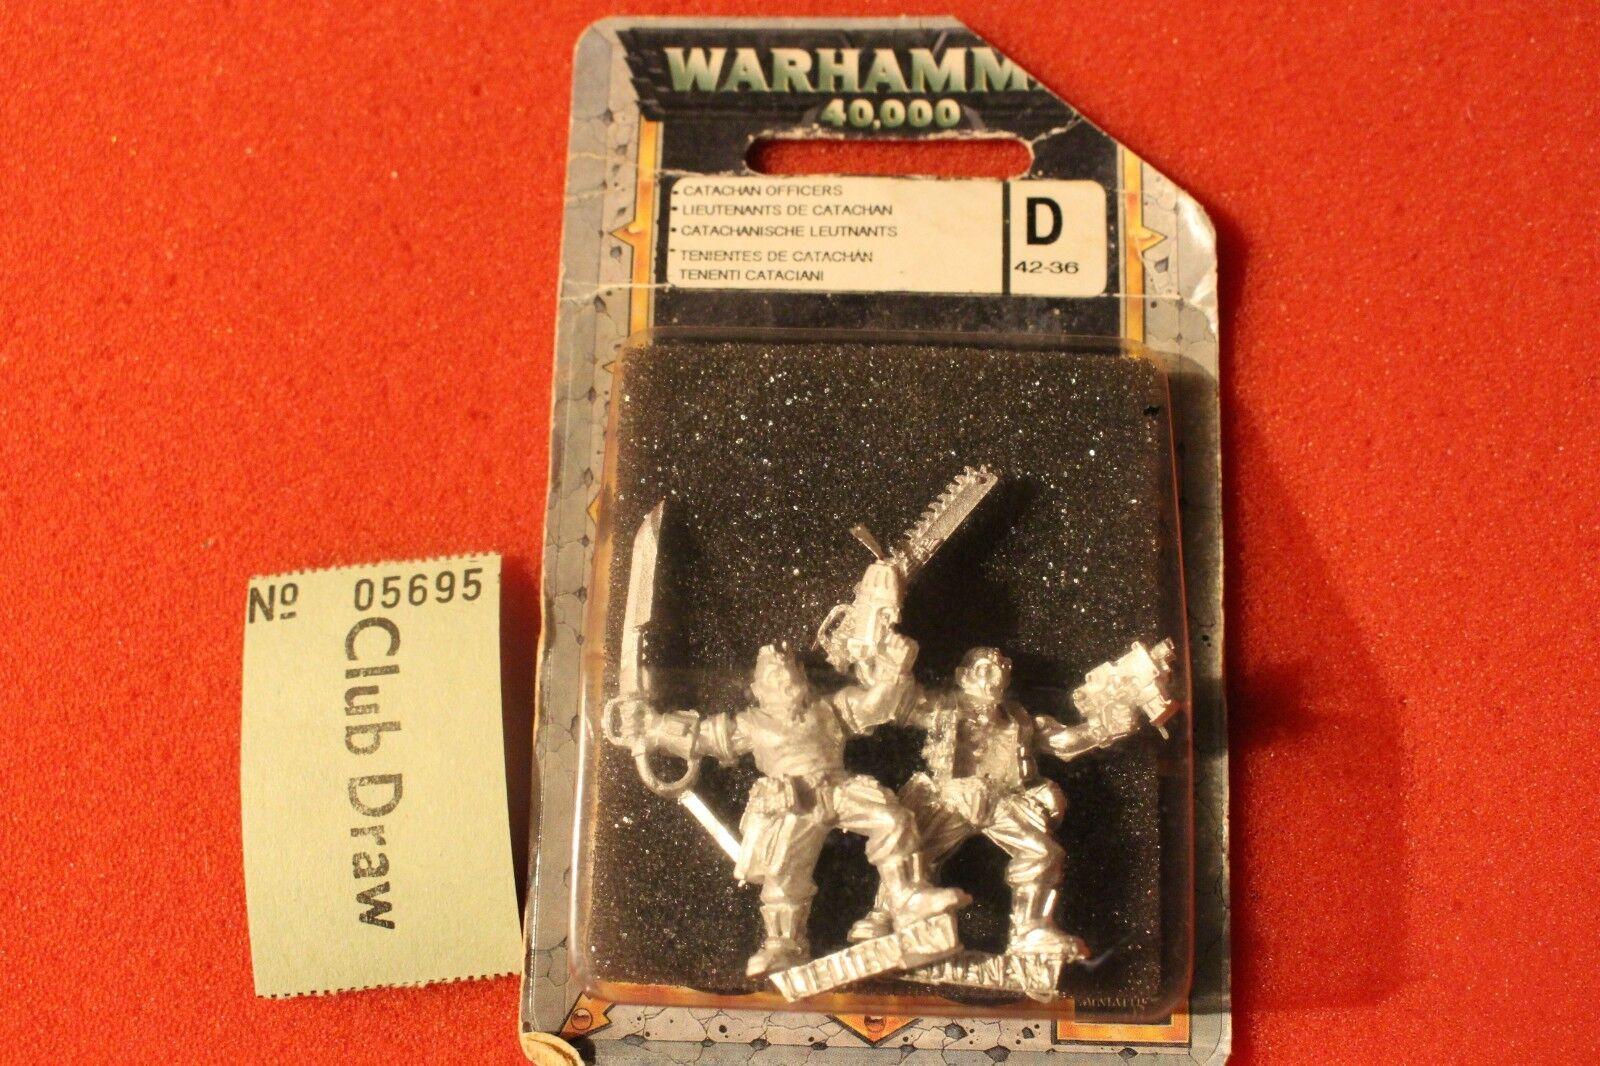 Games Workshop Warhammer 40k Catachan officiers lieutenants sergents Métal Nouveau C